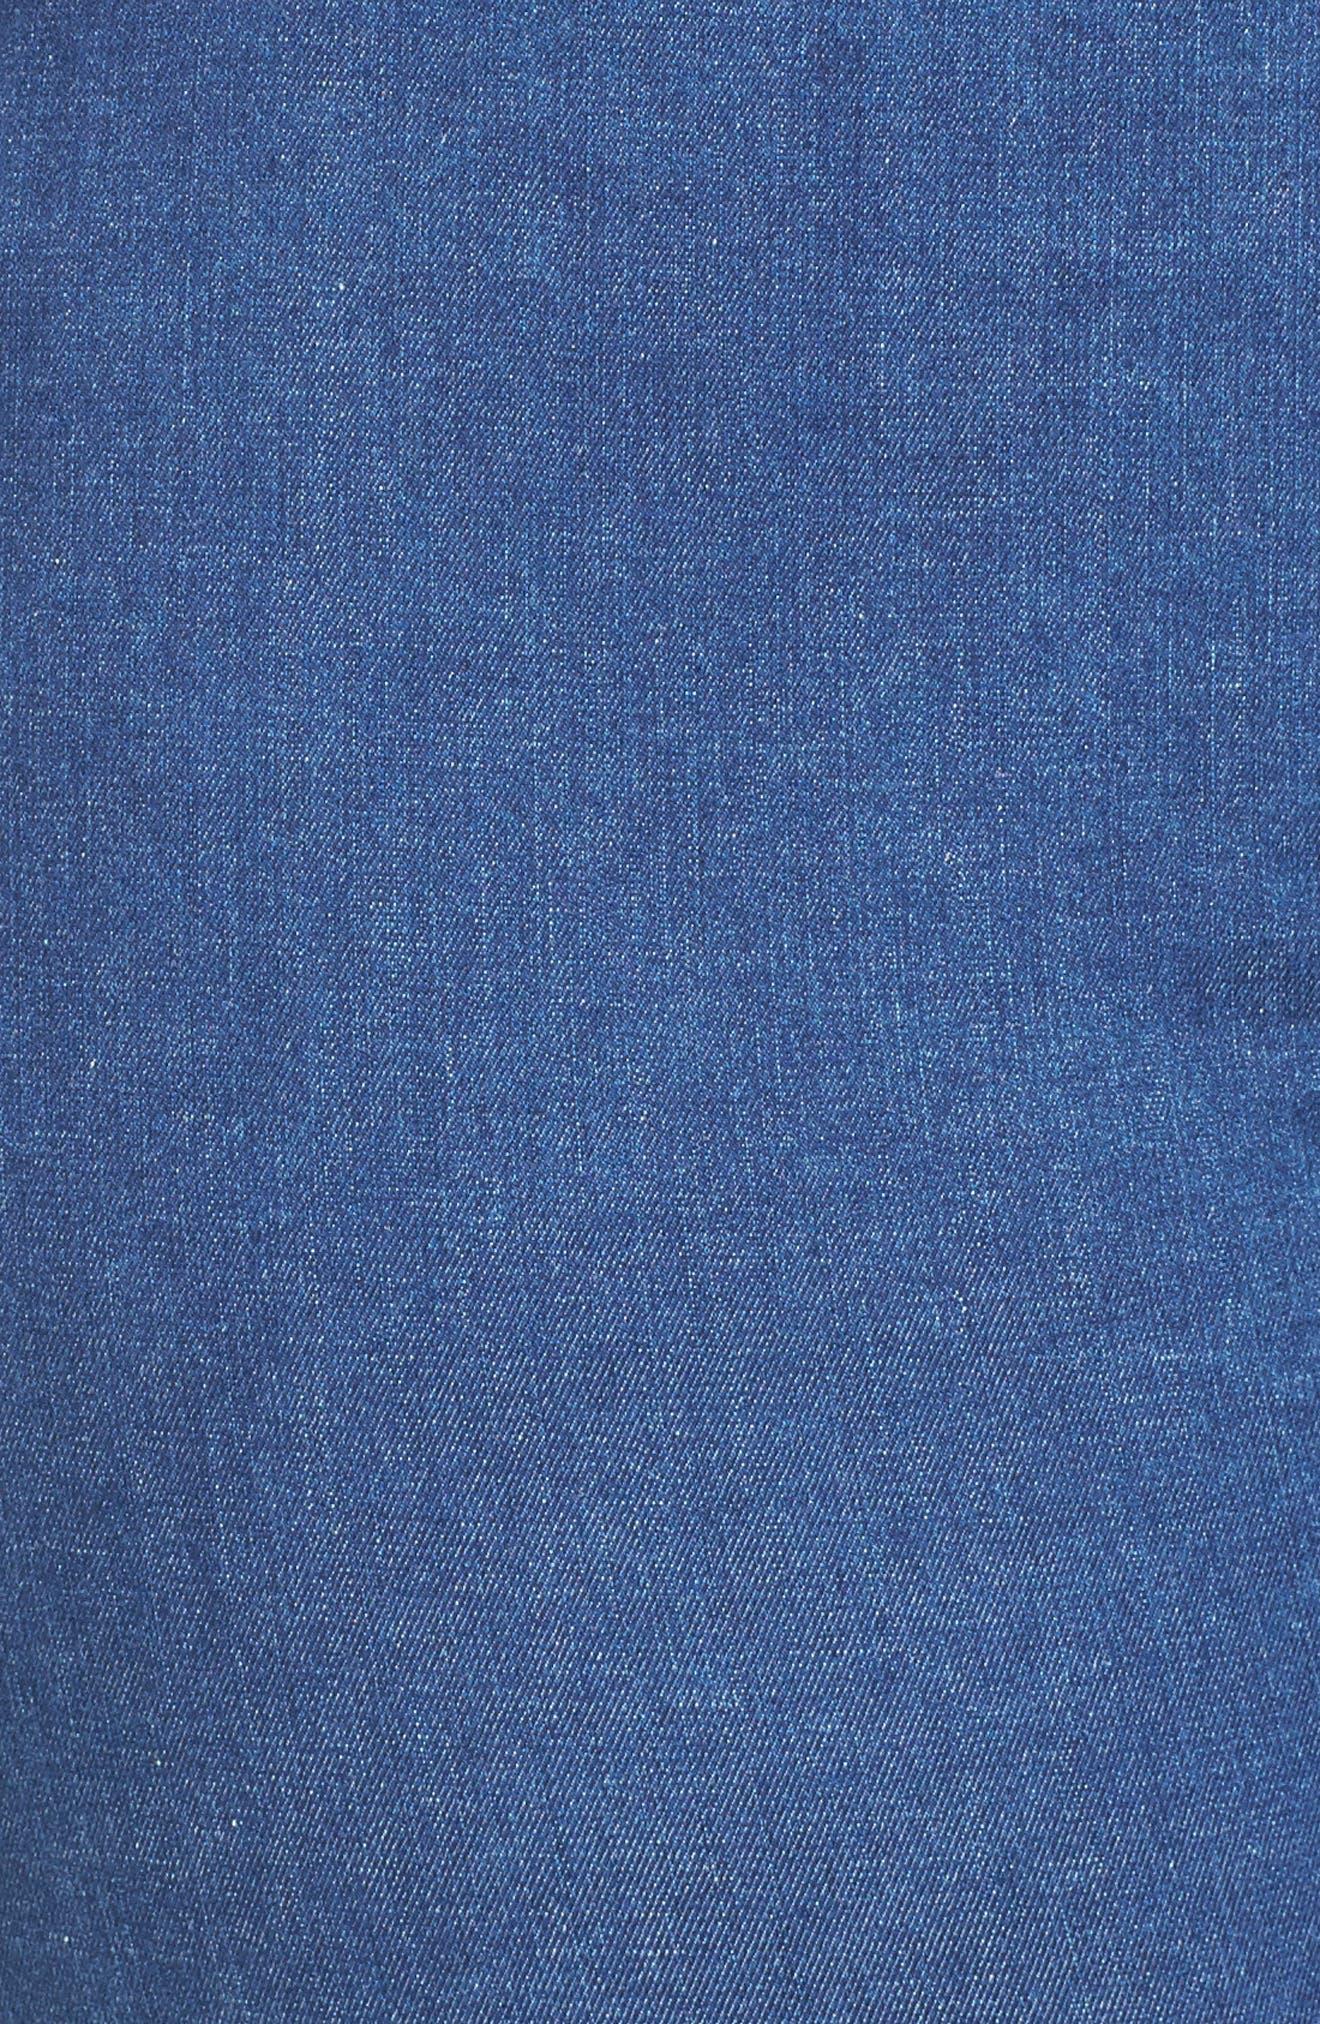 Nina Slimming Pull-On Capri Jeans,                             Alternate thumbnail 5, color,                             400